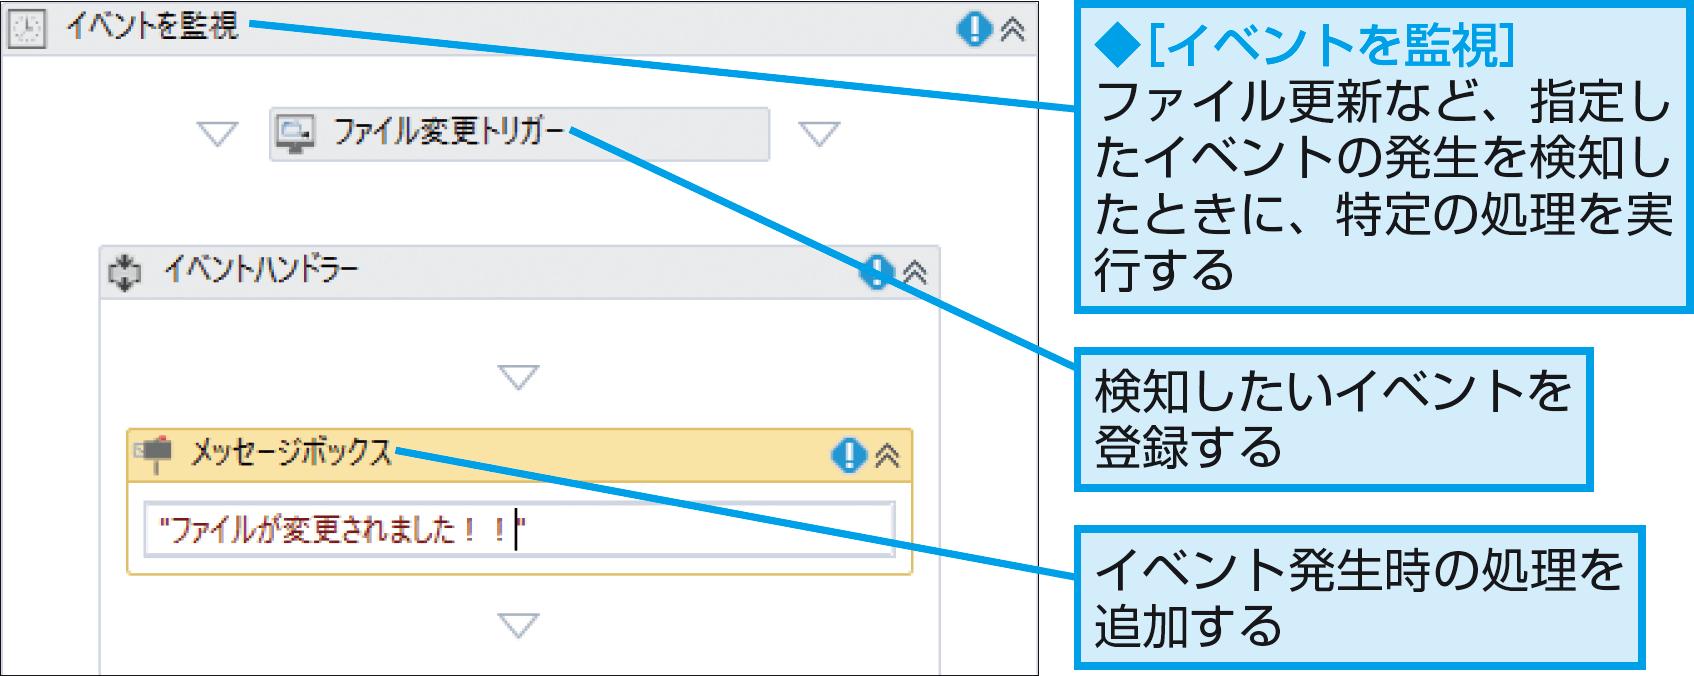 ファイルが更新・追加されたことを検知するには(イベントを監視) - できるUiPath